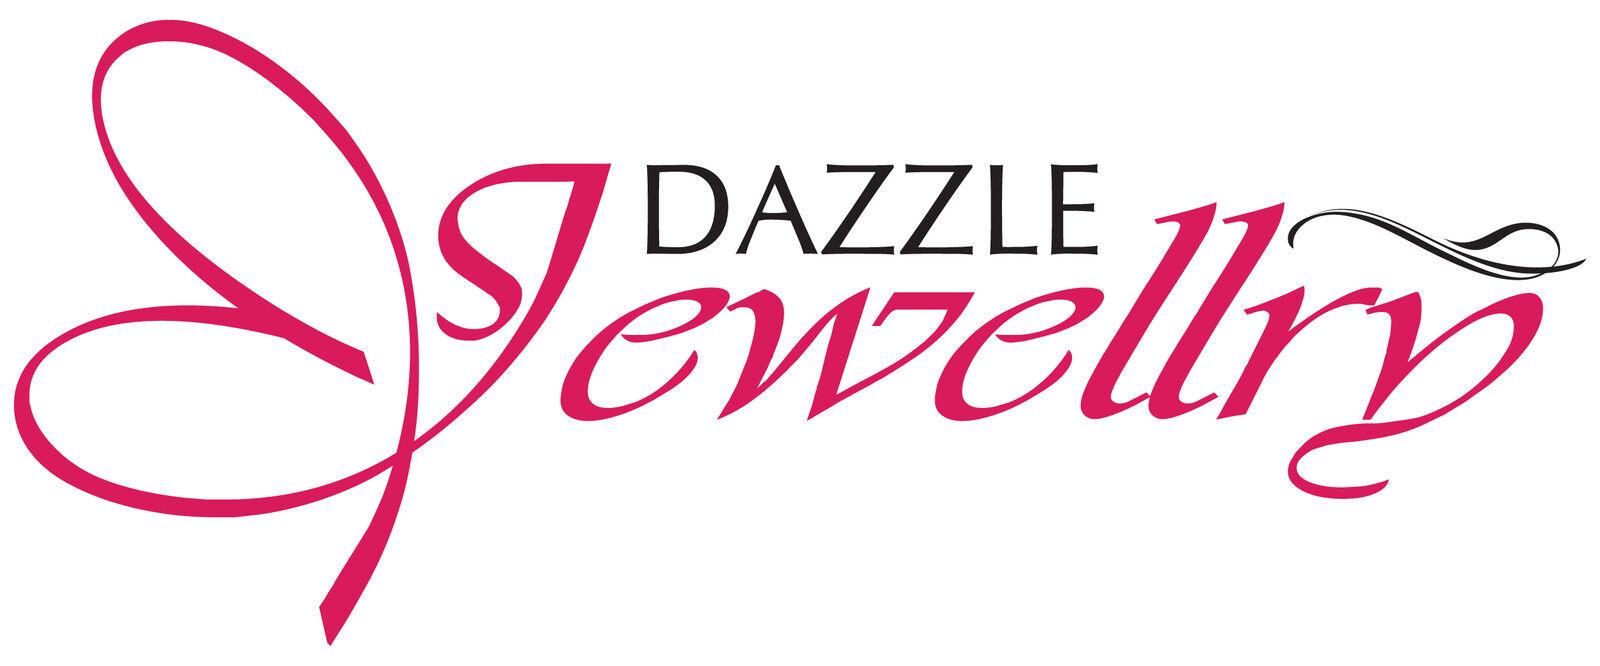 dazzlejewellery